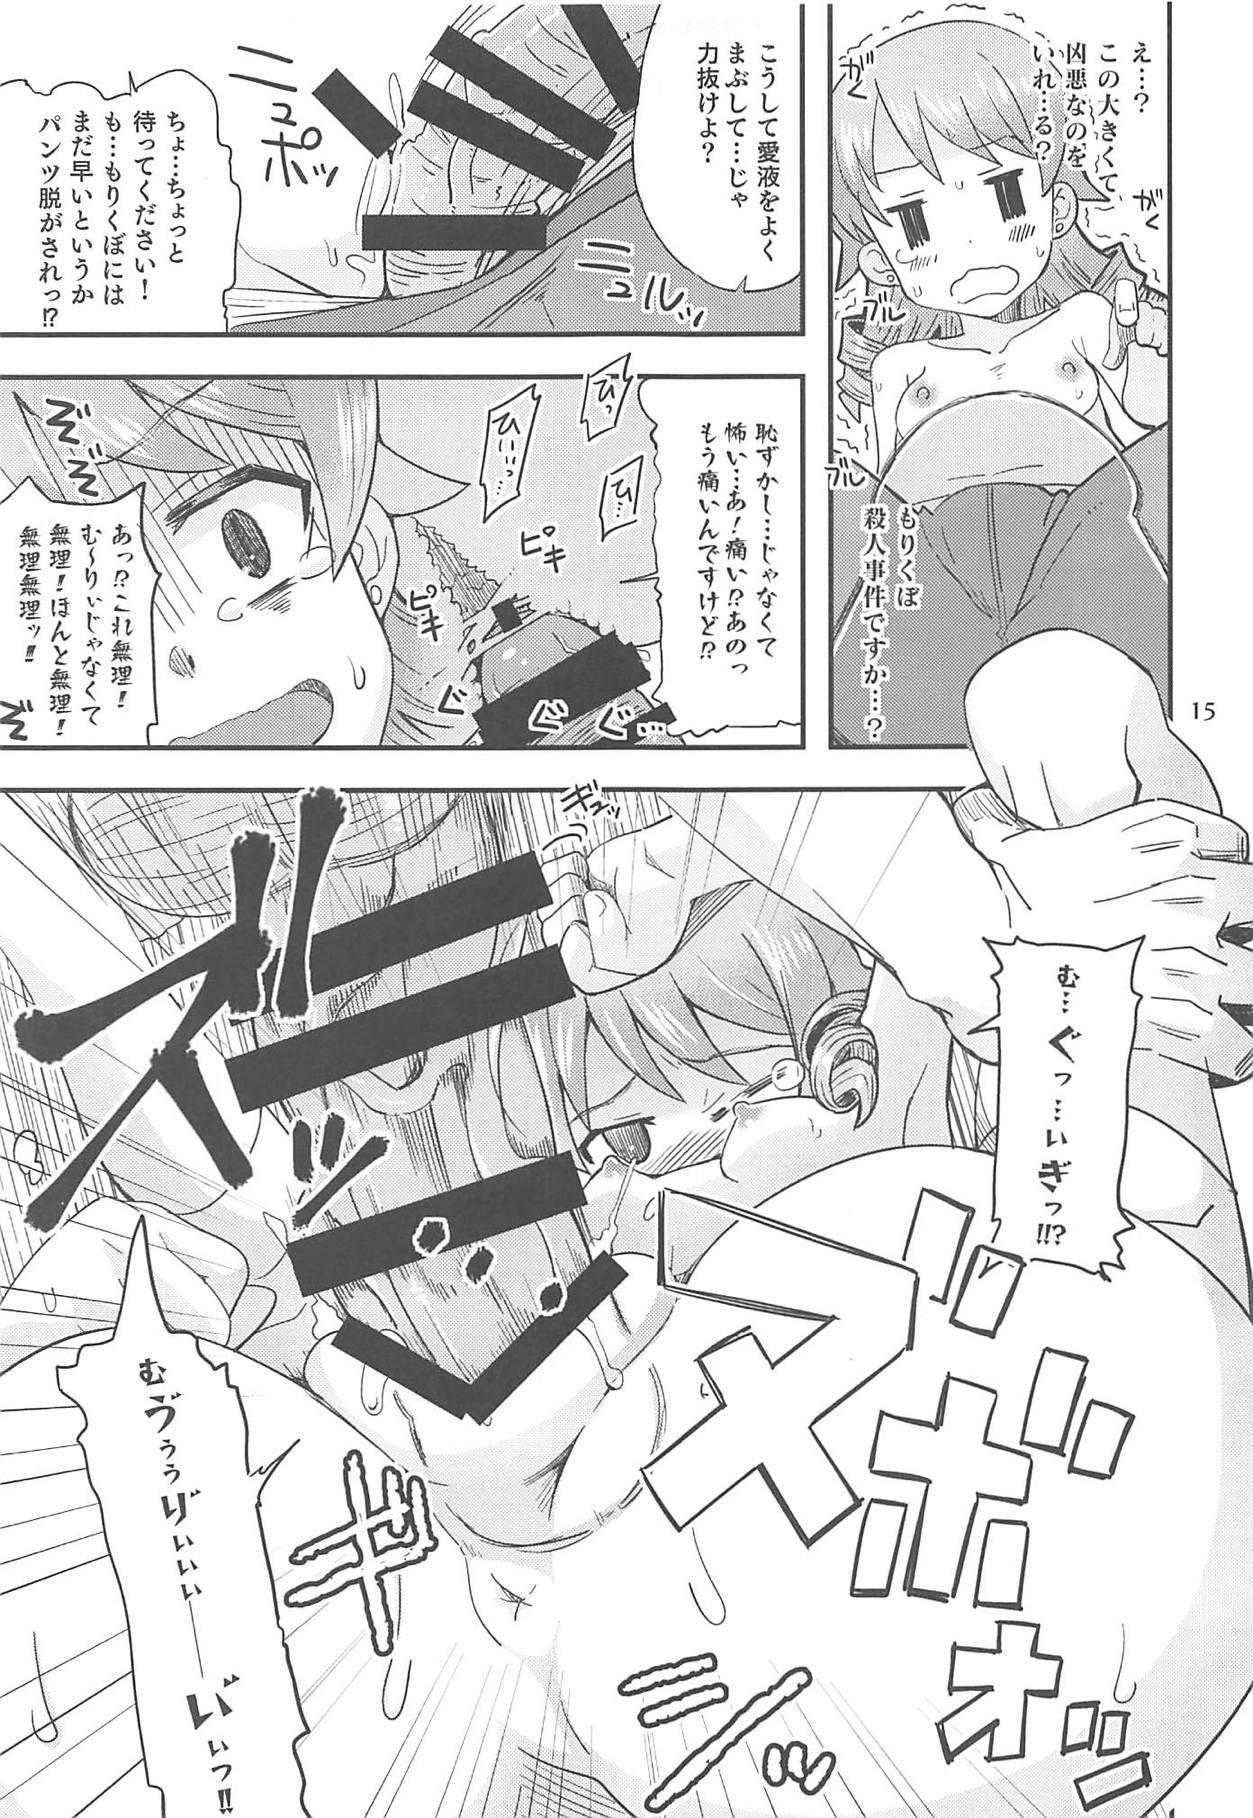 Yarukubo Murikubo. 13